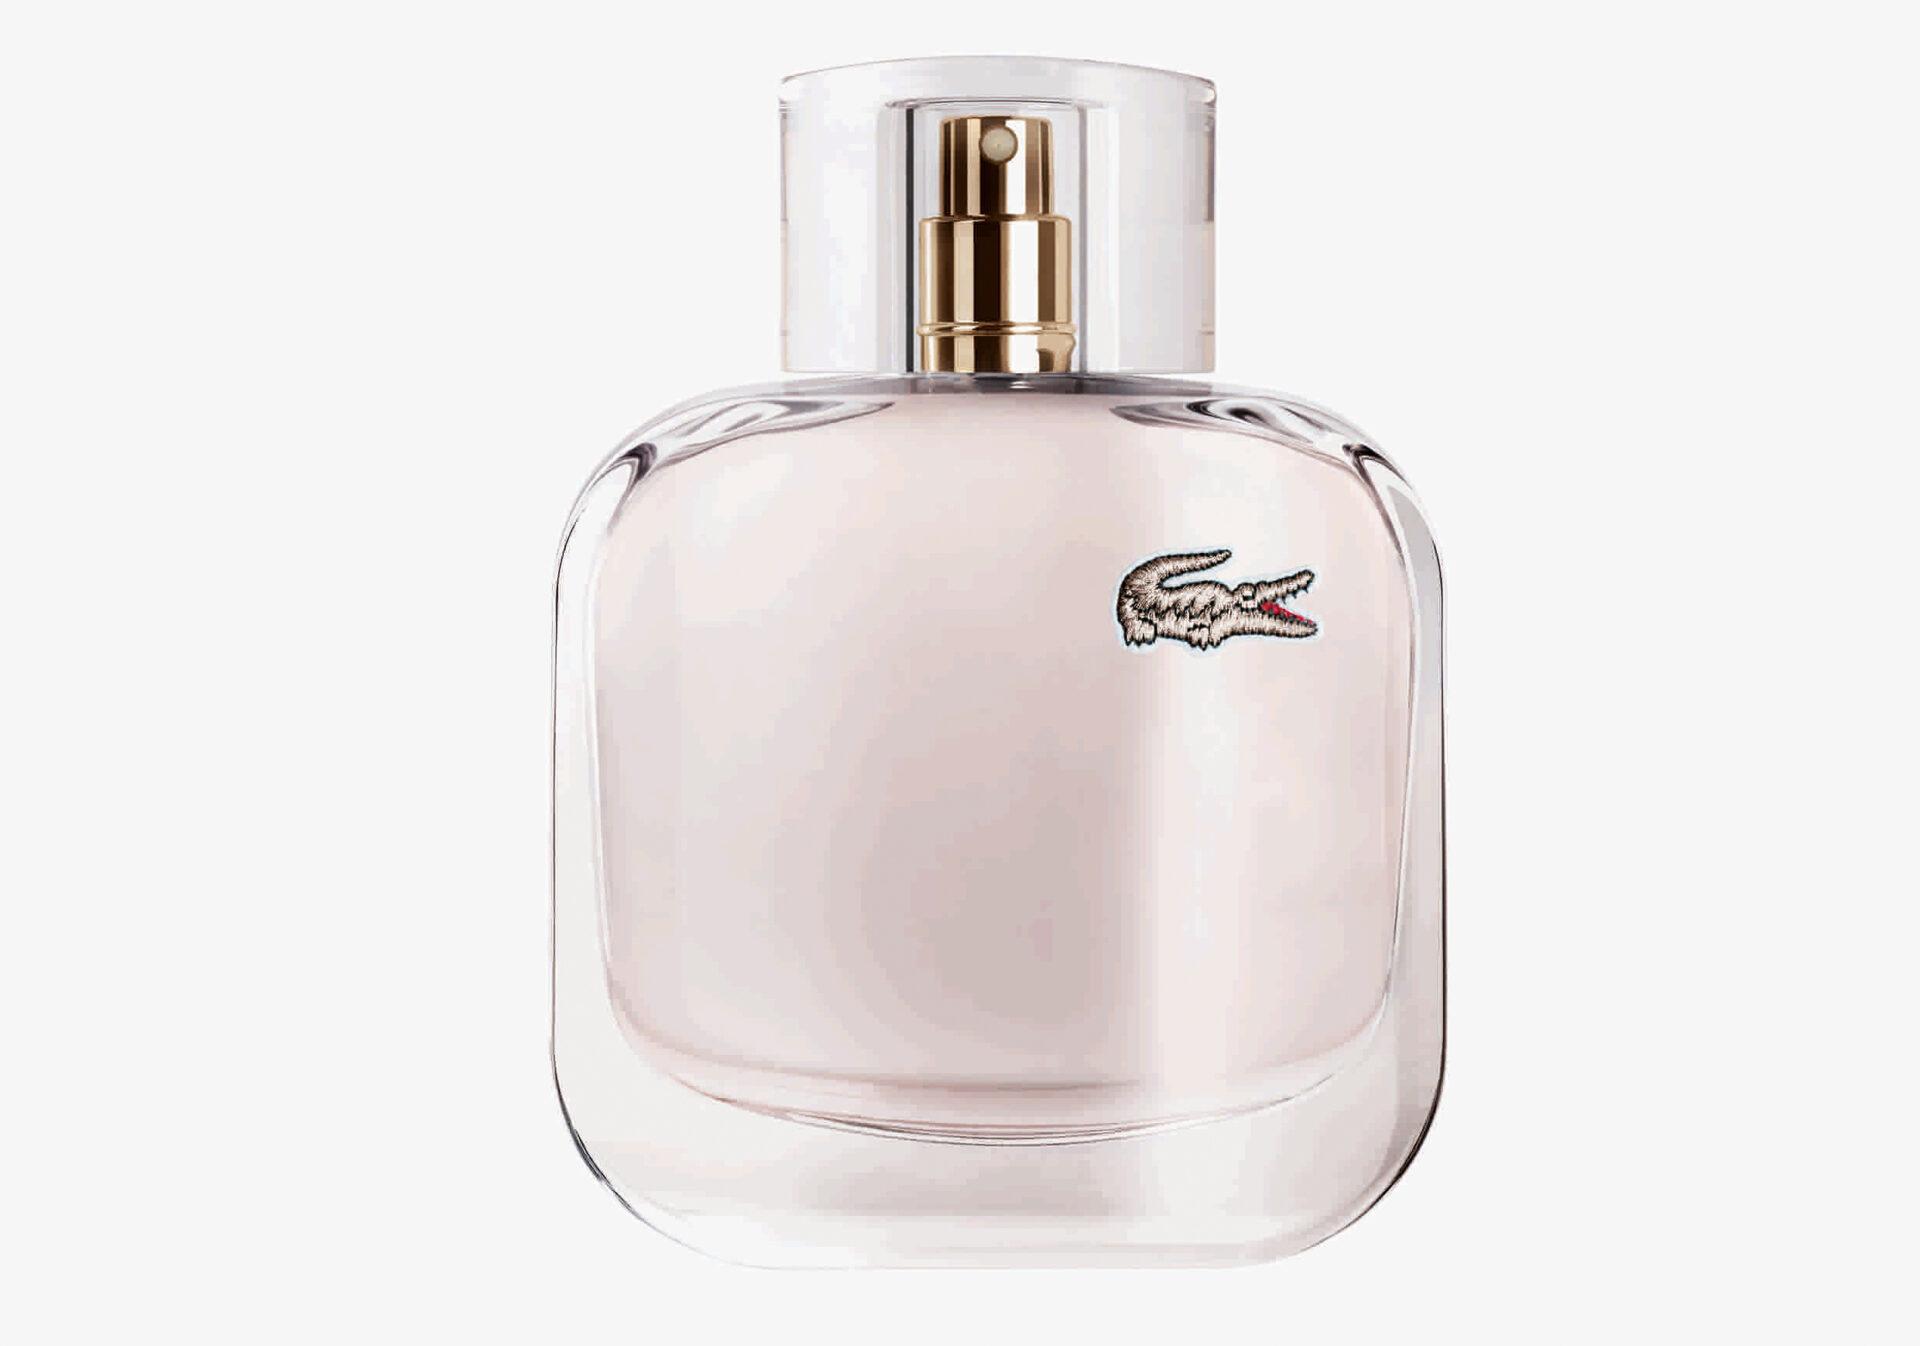 Elegant fragrance from the EAU DE LACOSTE L.12.12 Pour Elle collection.